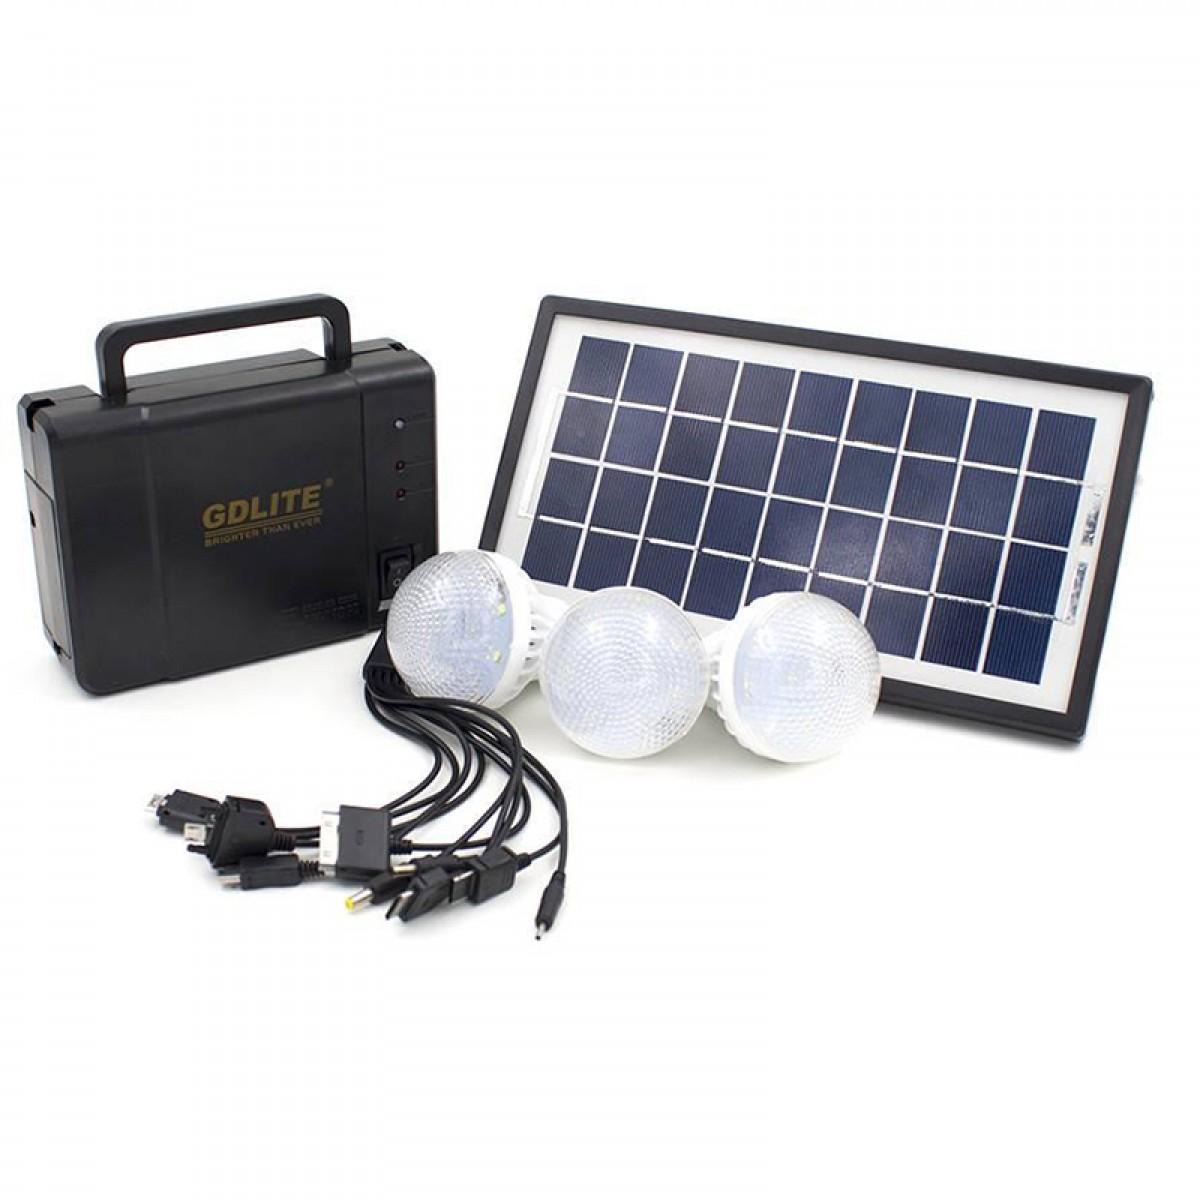 Ηλιακό σύστημα φωτισμού GDLITE με 3 λάμπες LED